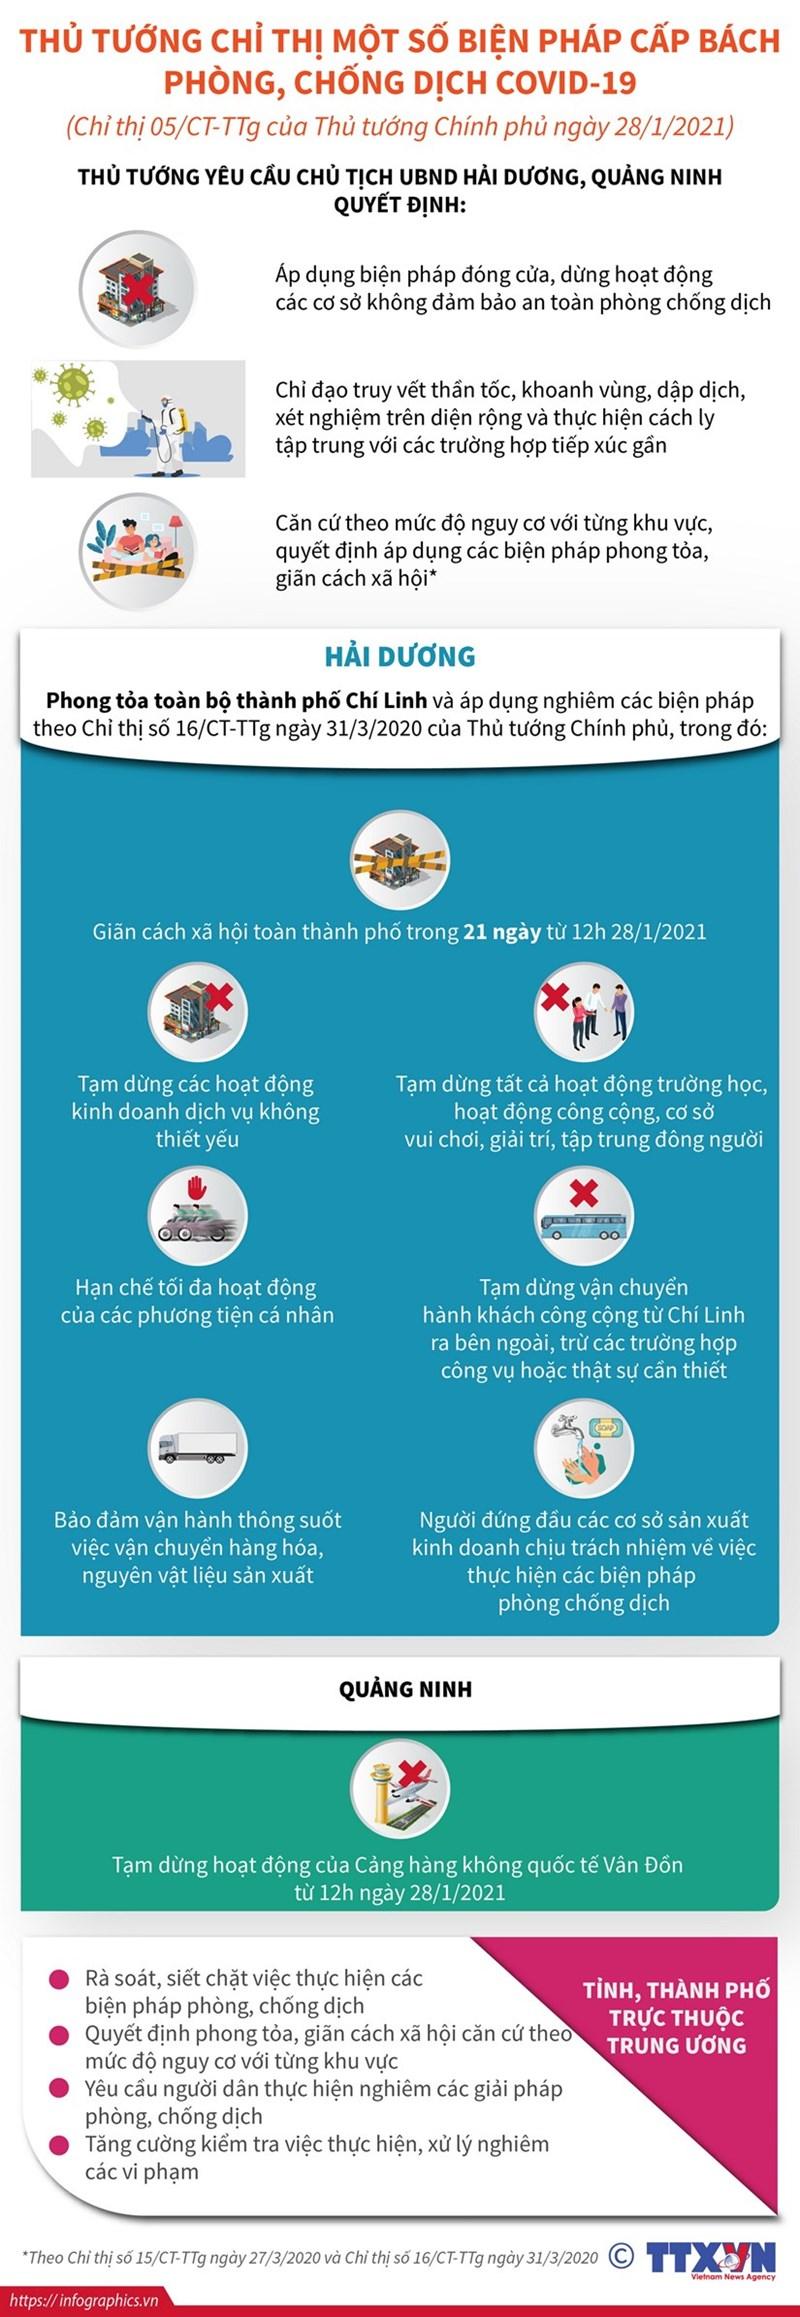 [Infographics] Thủ tướng chỉ thị một số biện pháp cấp bách phòng, chống dịch Covid-19 - Ảnh 1